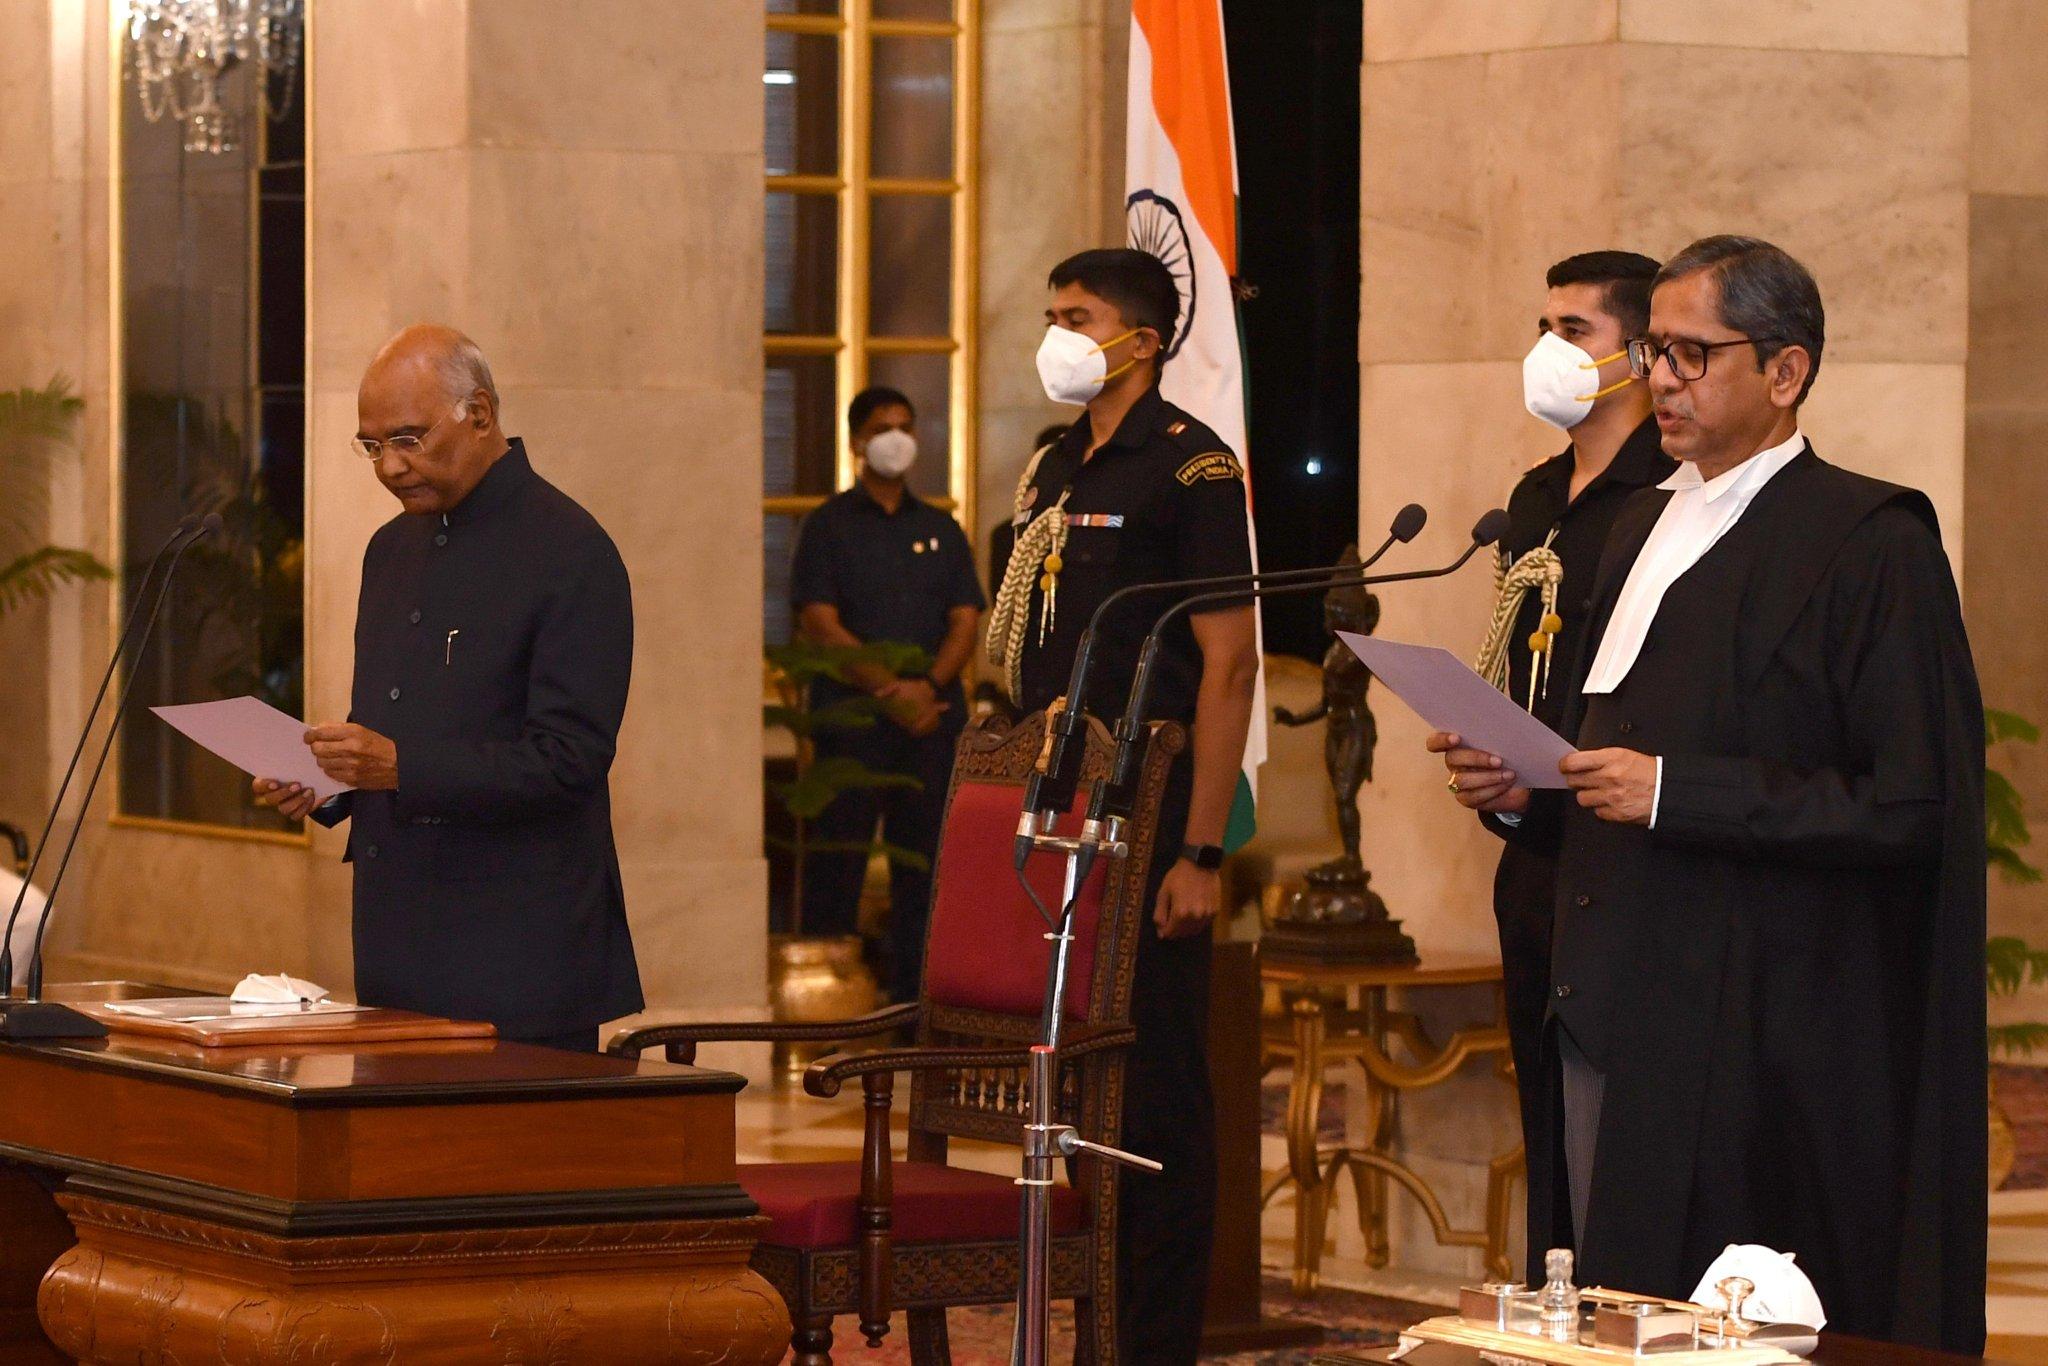 देश के 48वें चीफ जस्टिस बने एनवी रमना, राष्ट्रपति कोविंद ने दिलाई शपथ